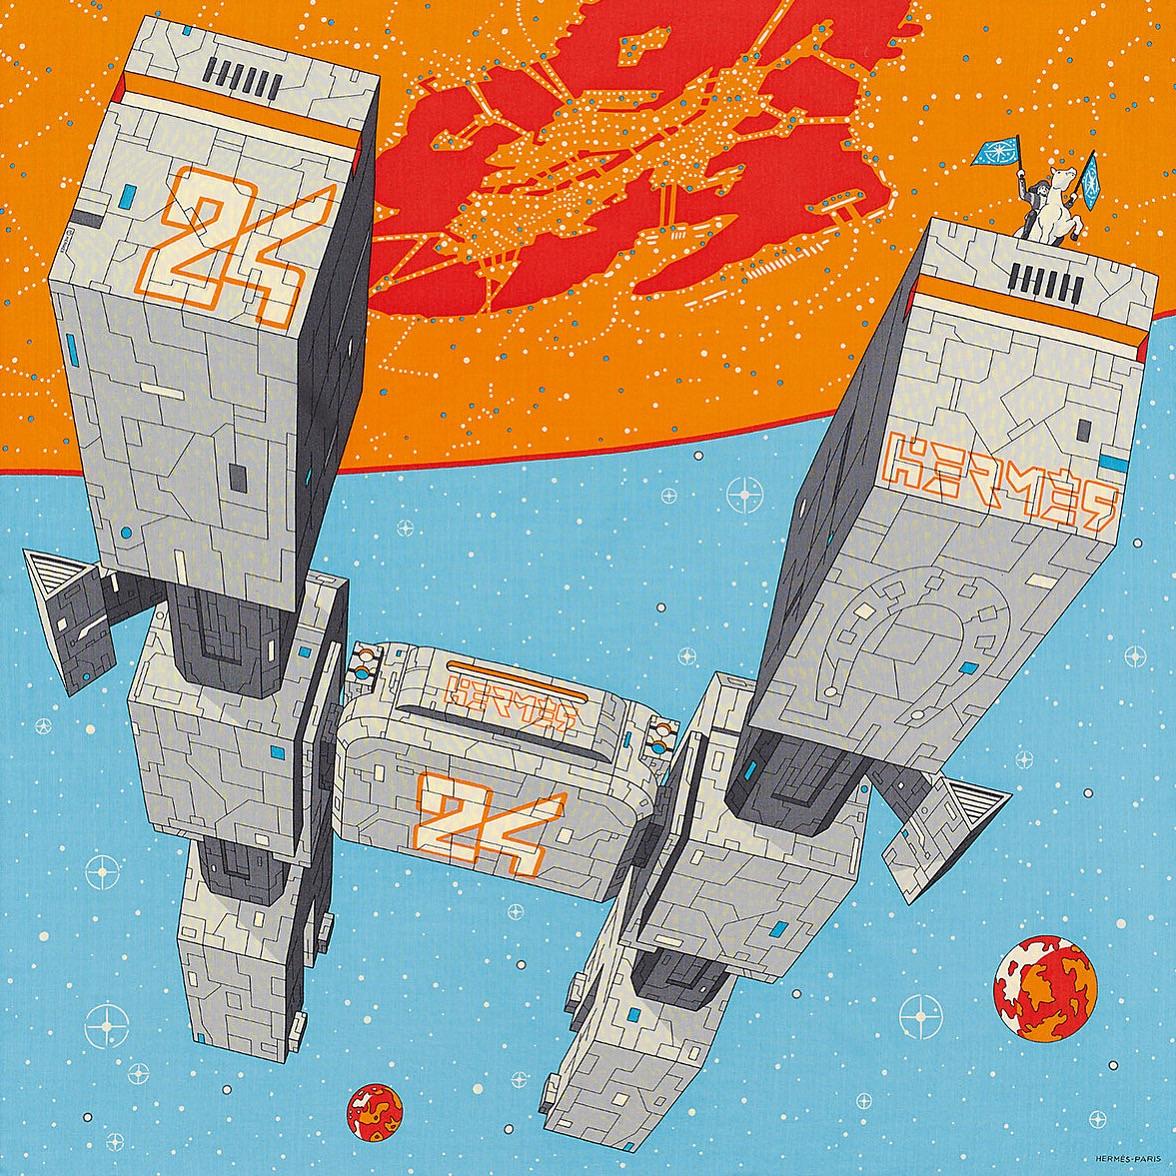 """""""エルメス・オデッセイ"""" エルメス メンズ SS2020 100x100cm, カシミア&シルク ーーーーー #デザイン #イラスト #テキスタイルデザイン #スカーフpic.twitter.com/0xgepxAM1i"""